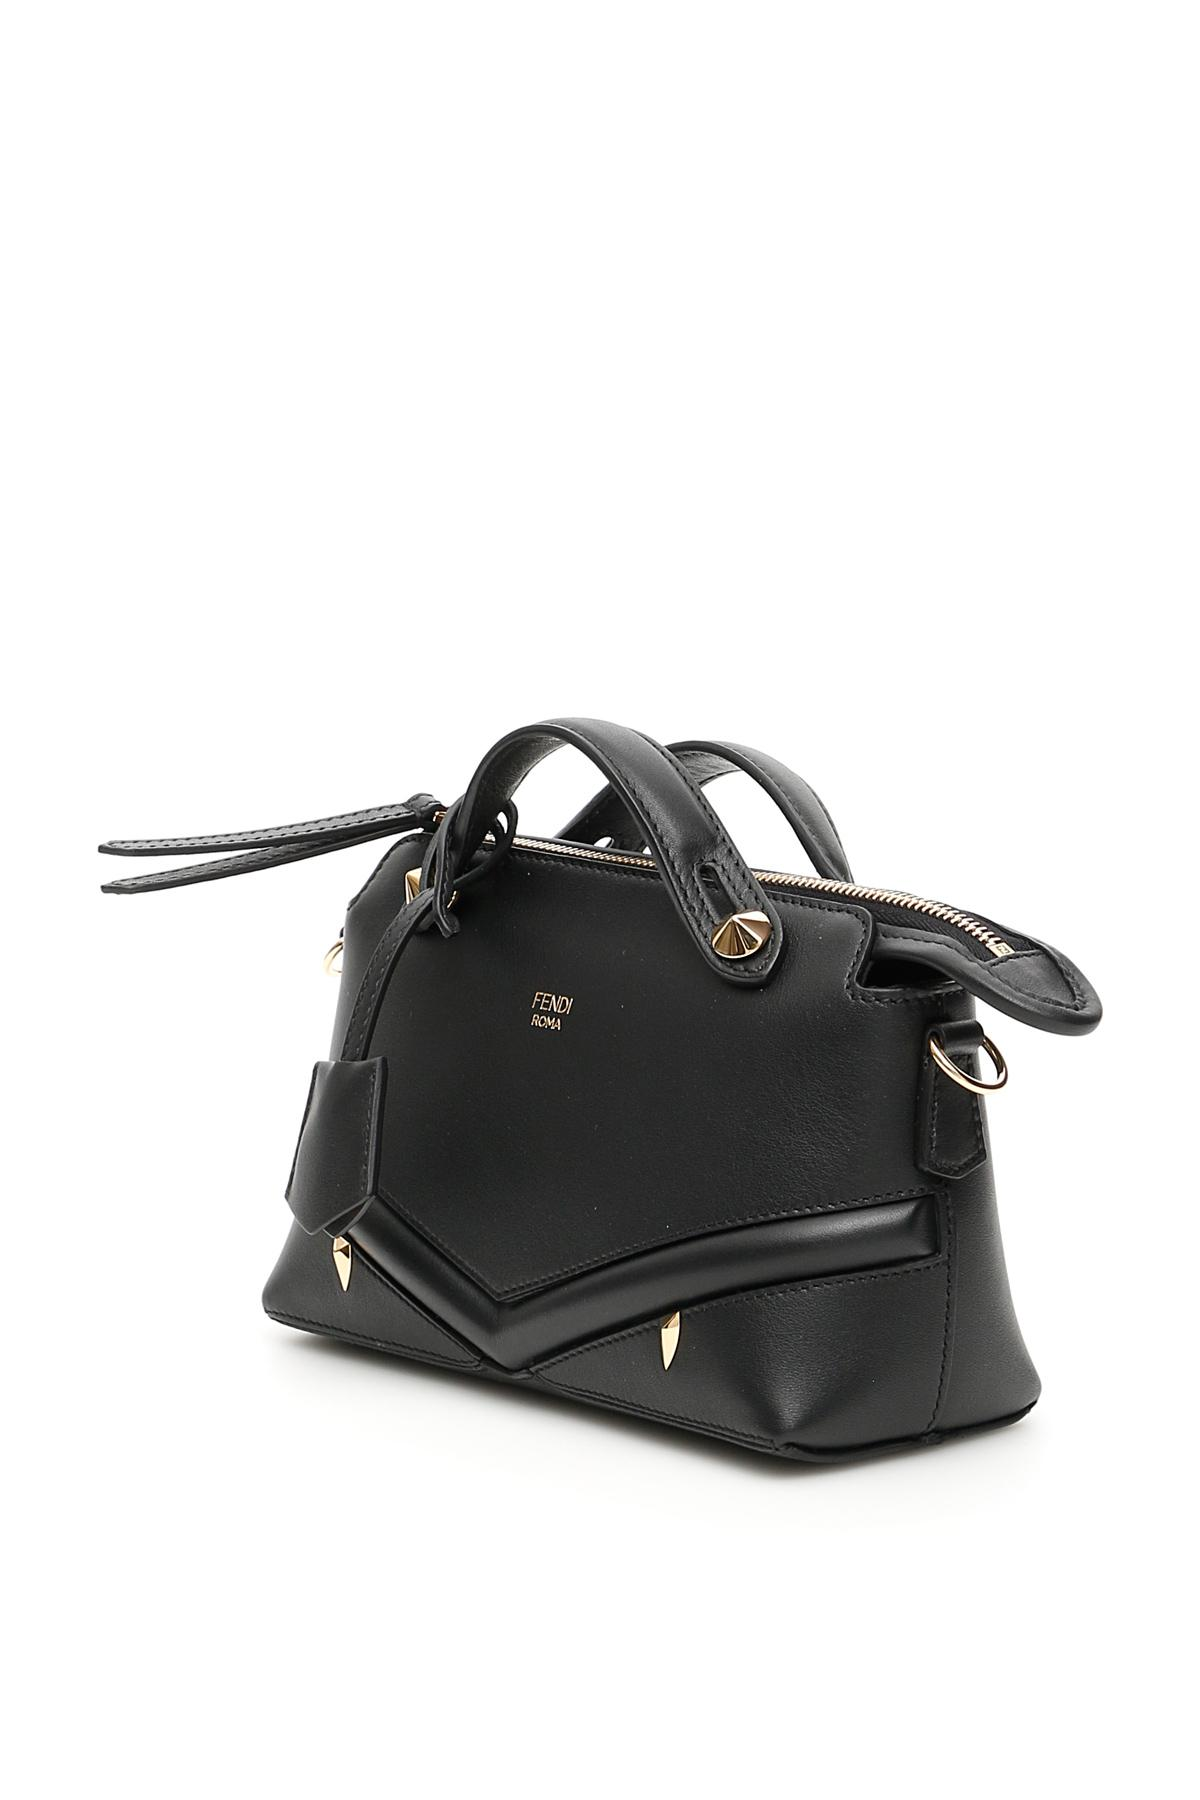 1eb8b13a73fb Lyst - Fendi By The Way Bag Bugs Mini Bag in Black